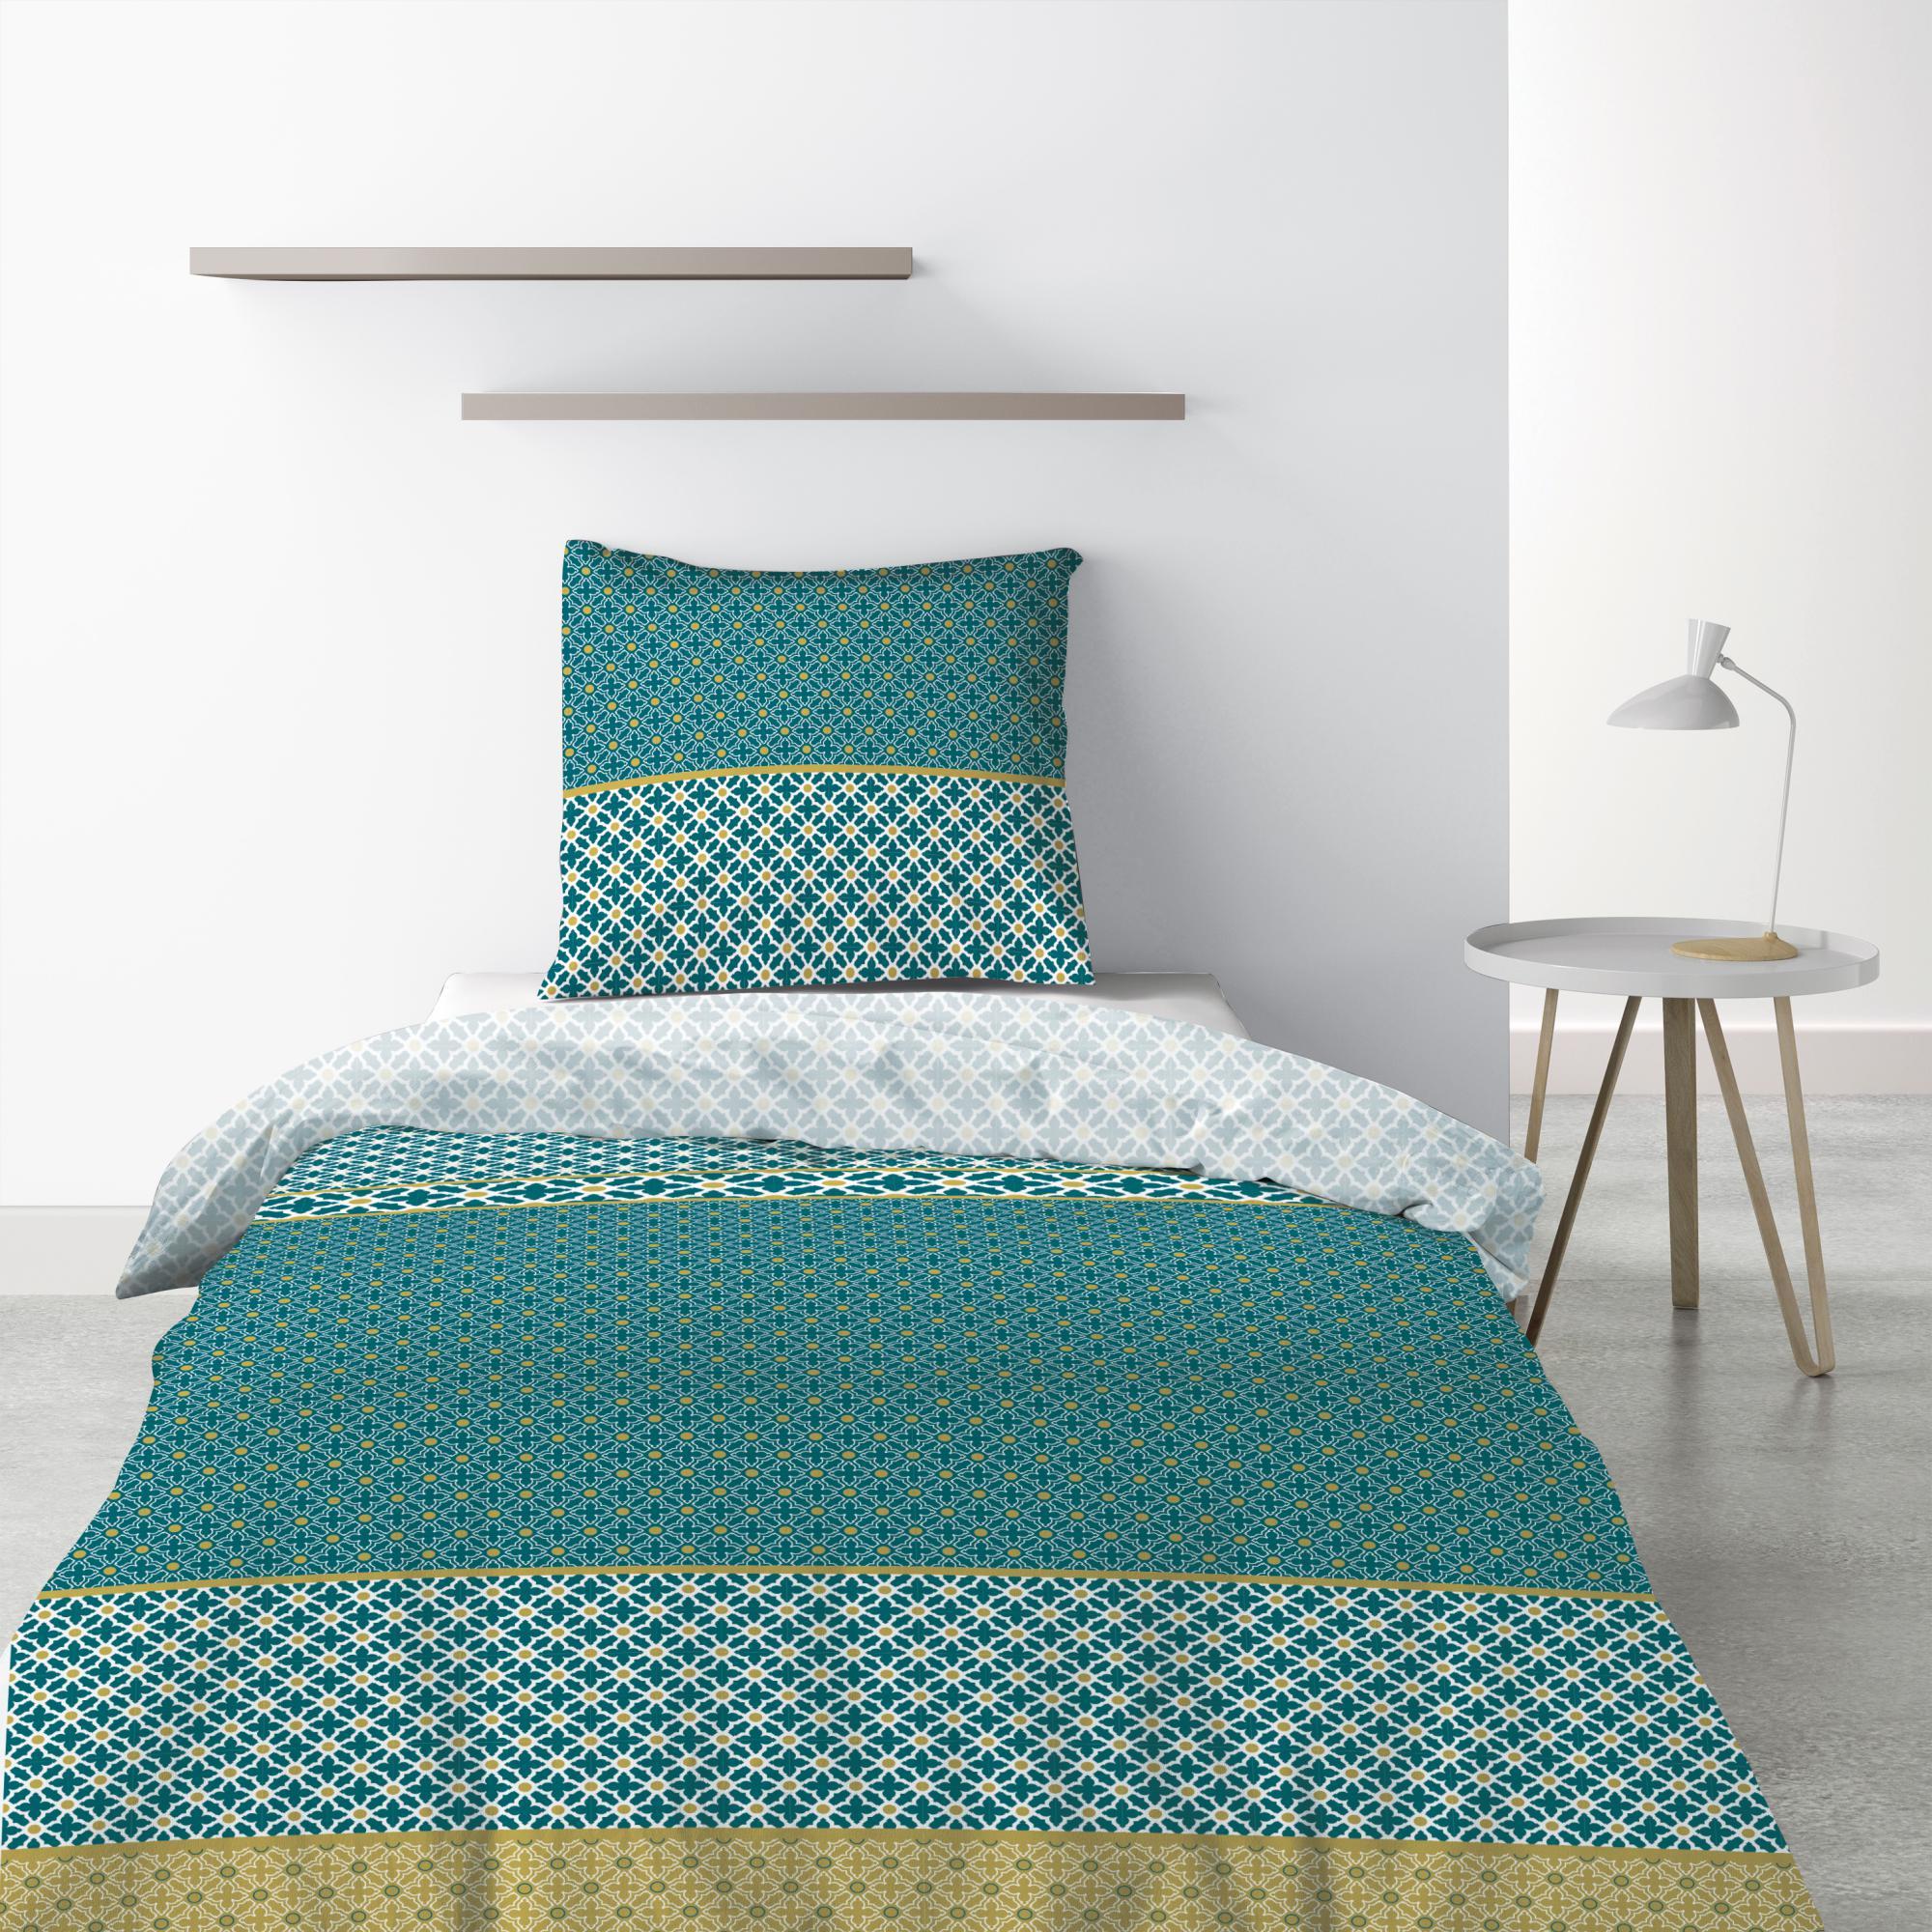 Parure de lit 1 personne Paon avec drap plat et taie d'oreiller Imprimé 180 x 290